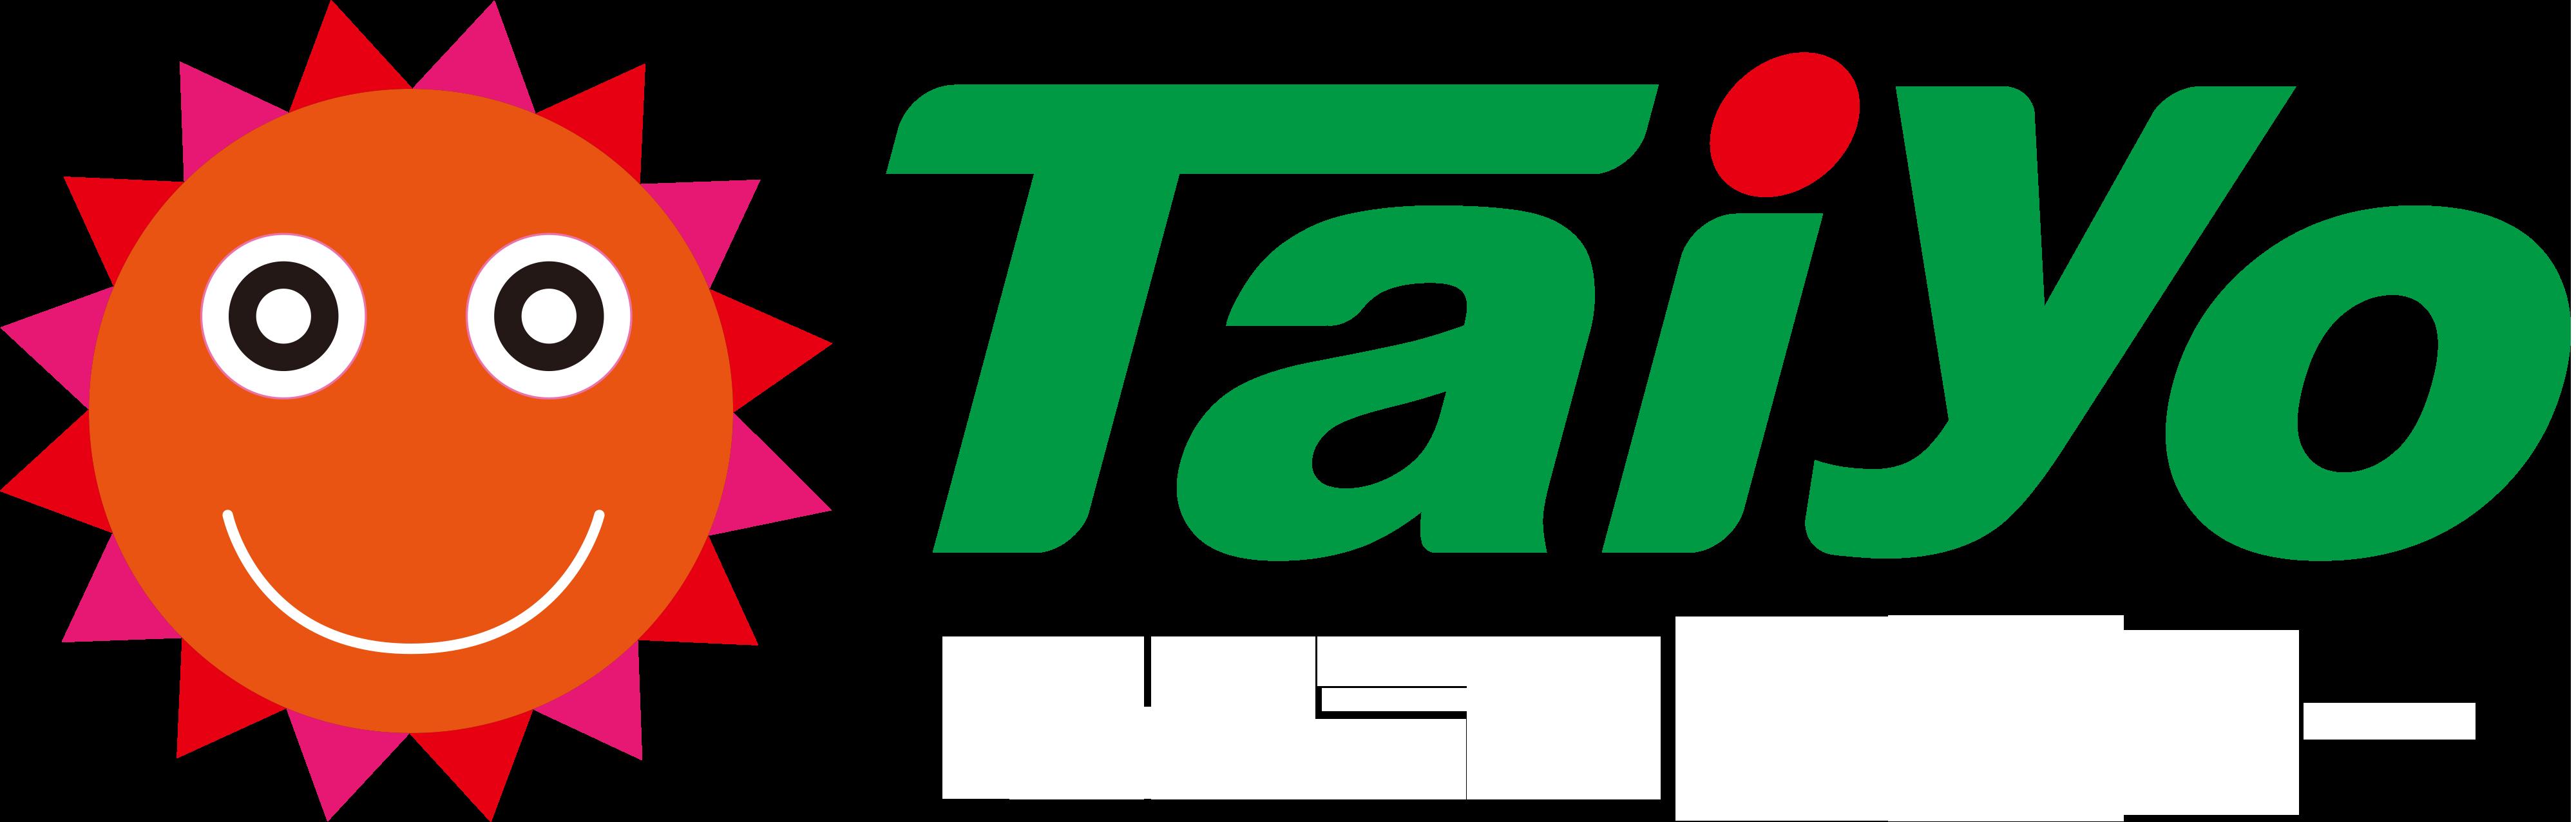 株式会社タイヨー|産業廃棄物の収集・運搬・持ち込み・リサイクル